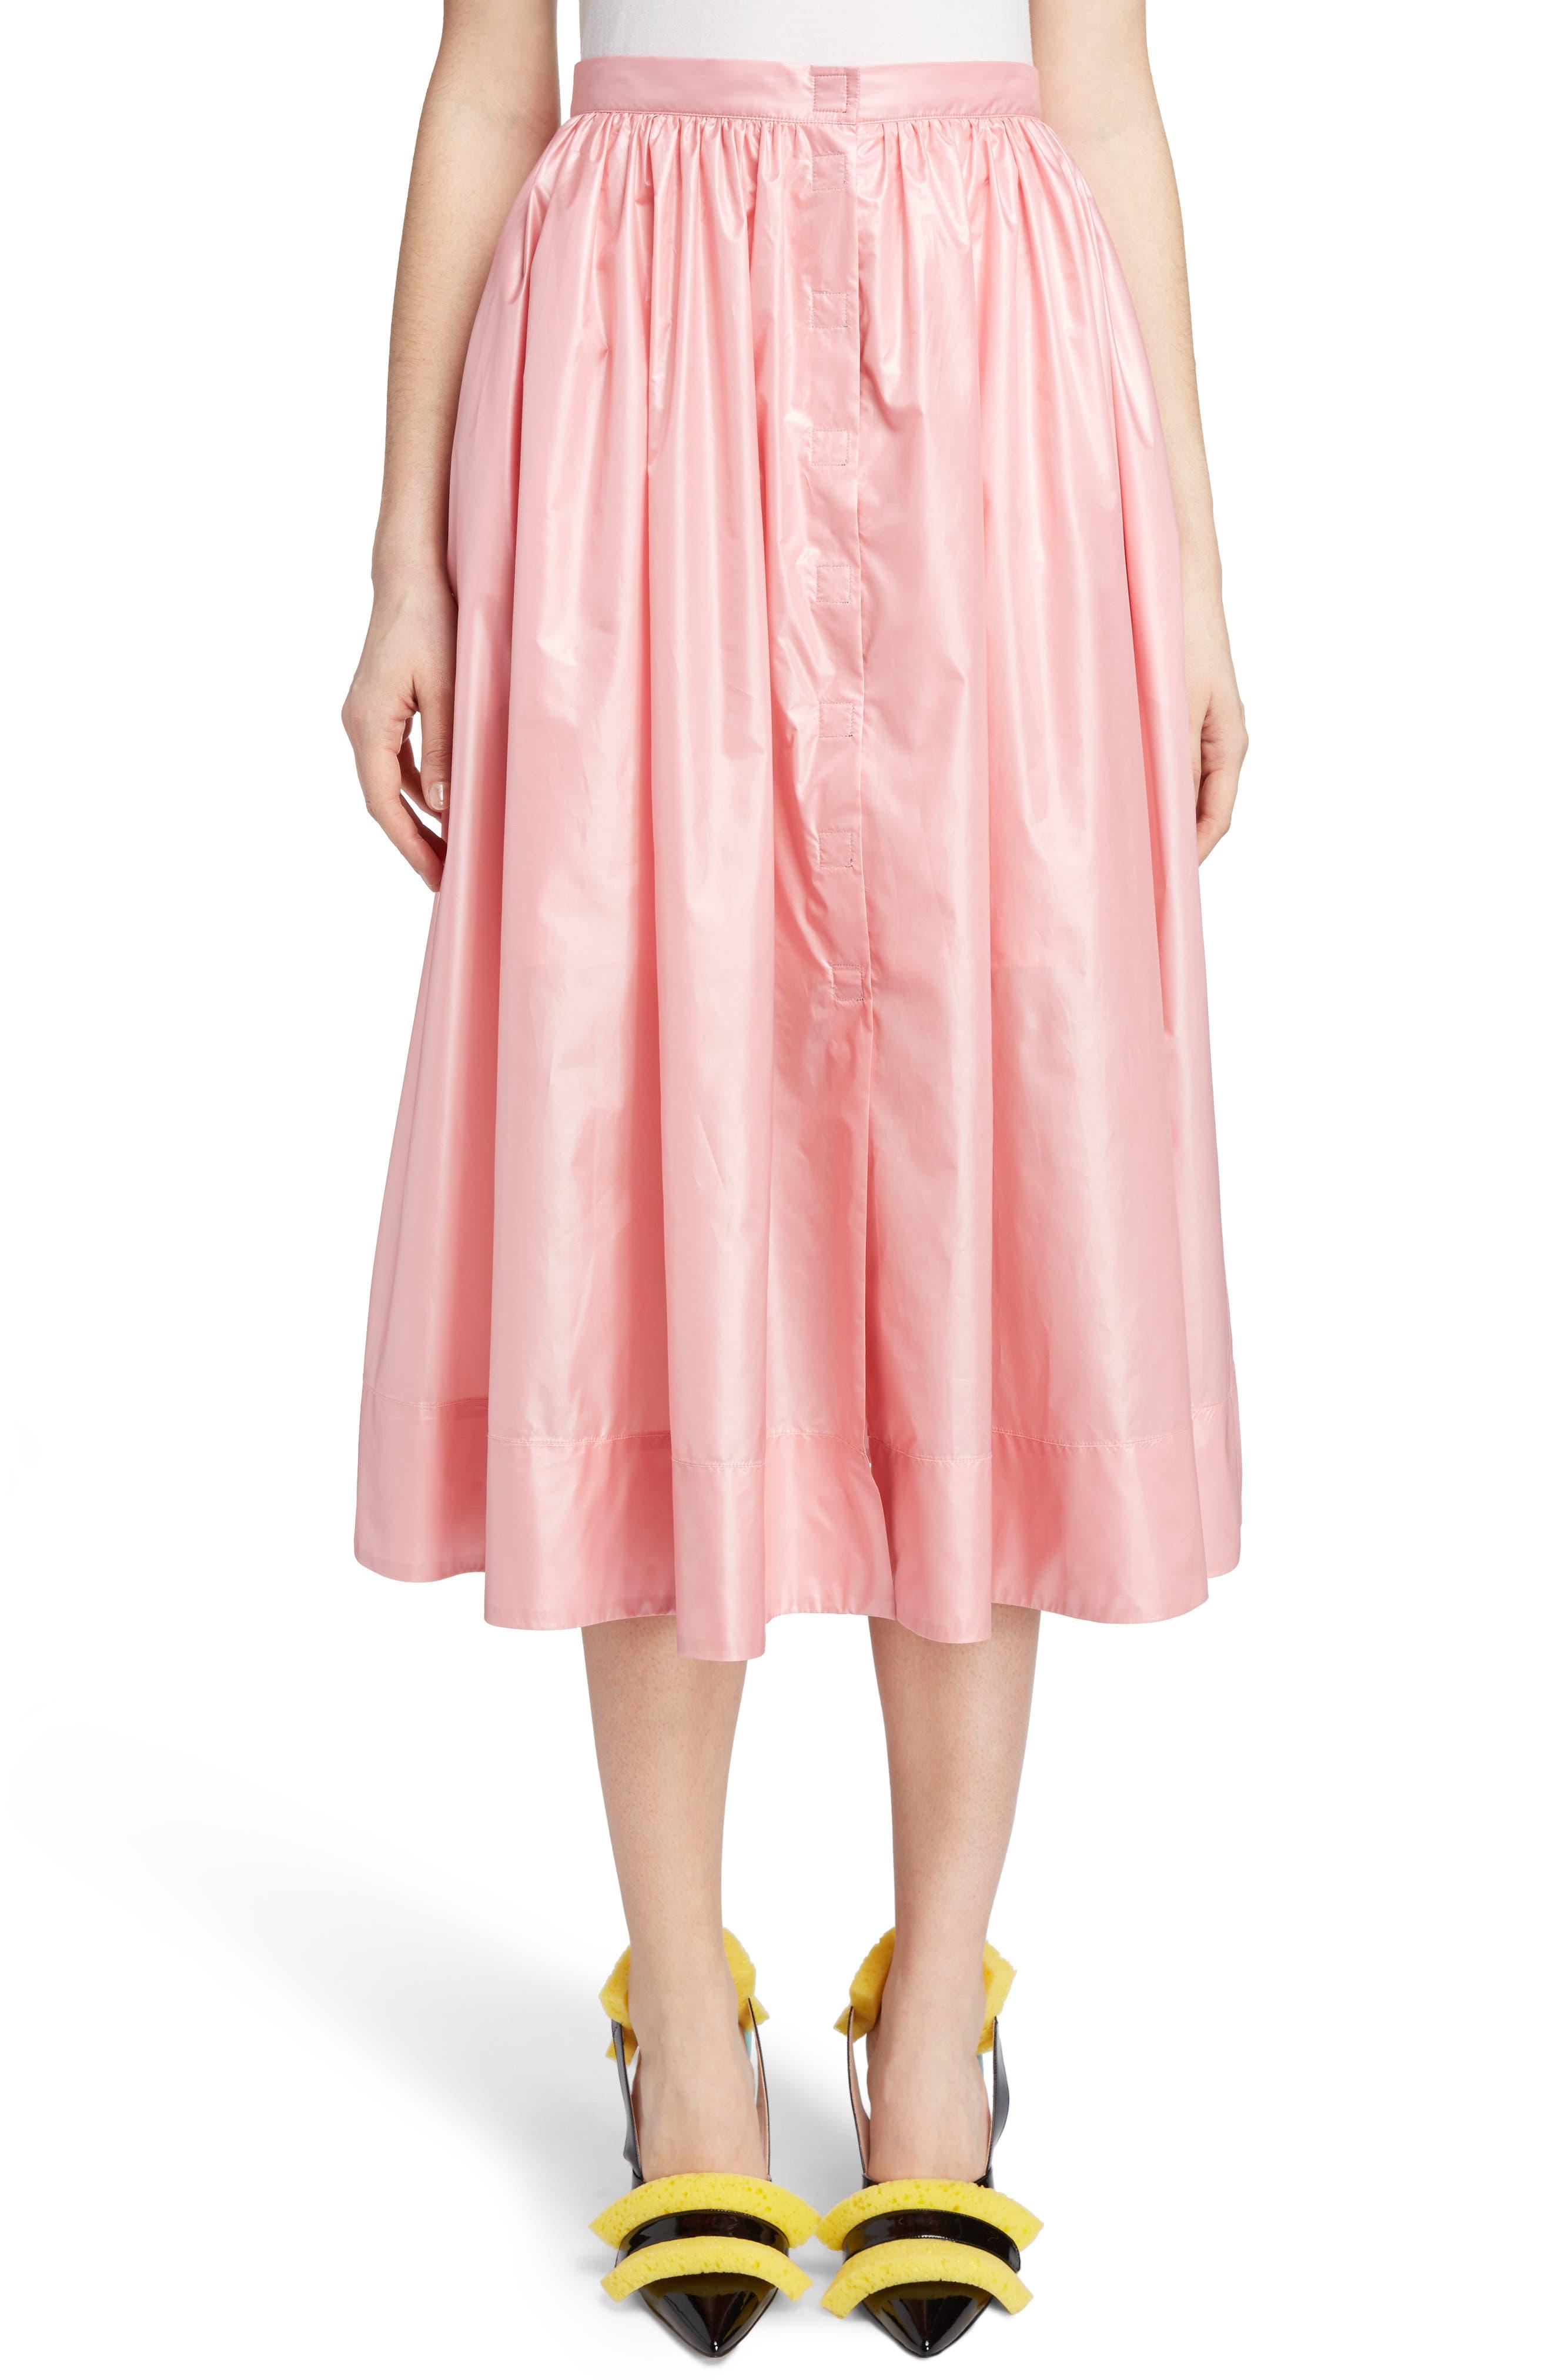 Christopher Kane Nylon Parachute Skirt